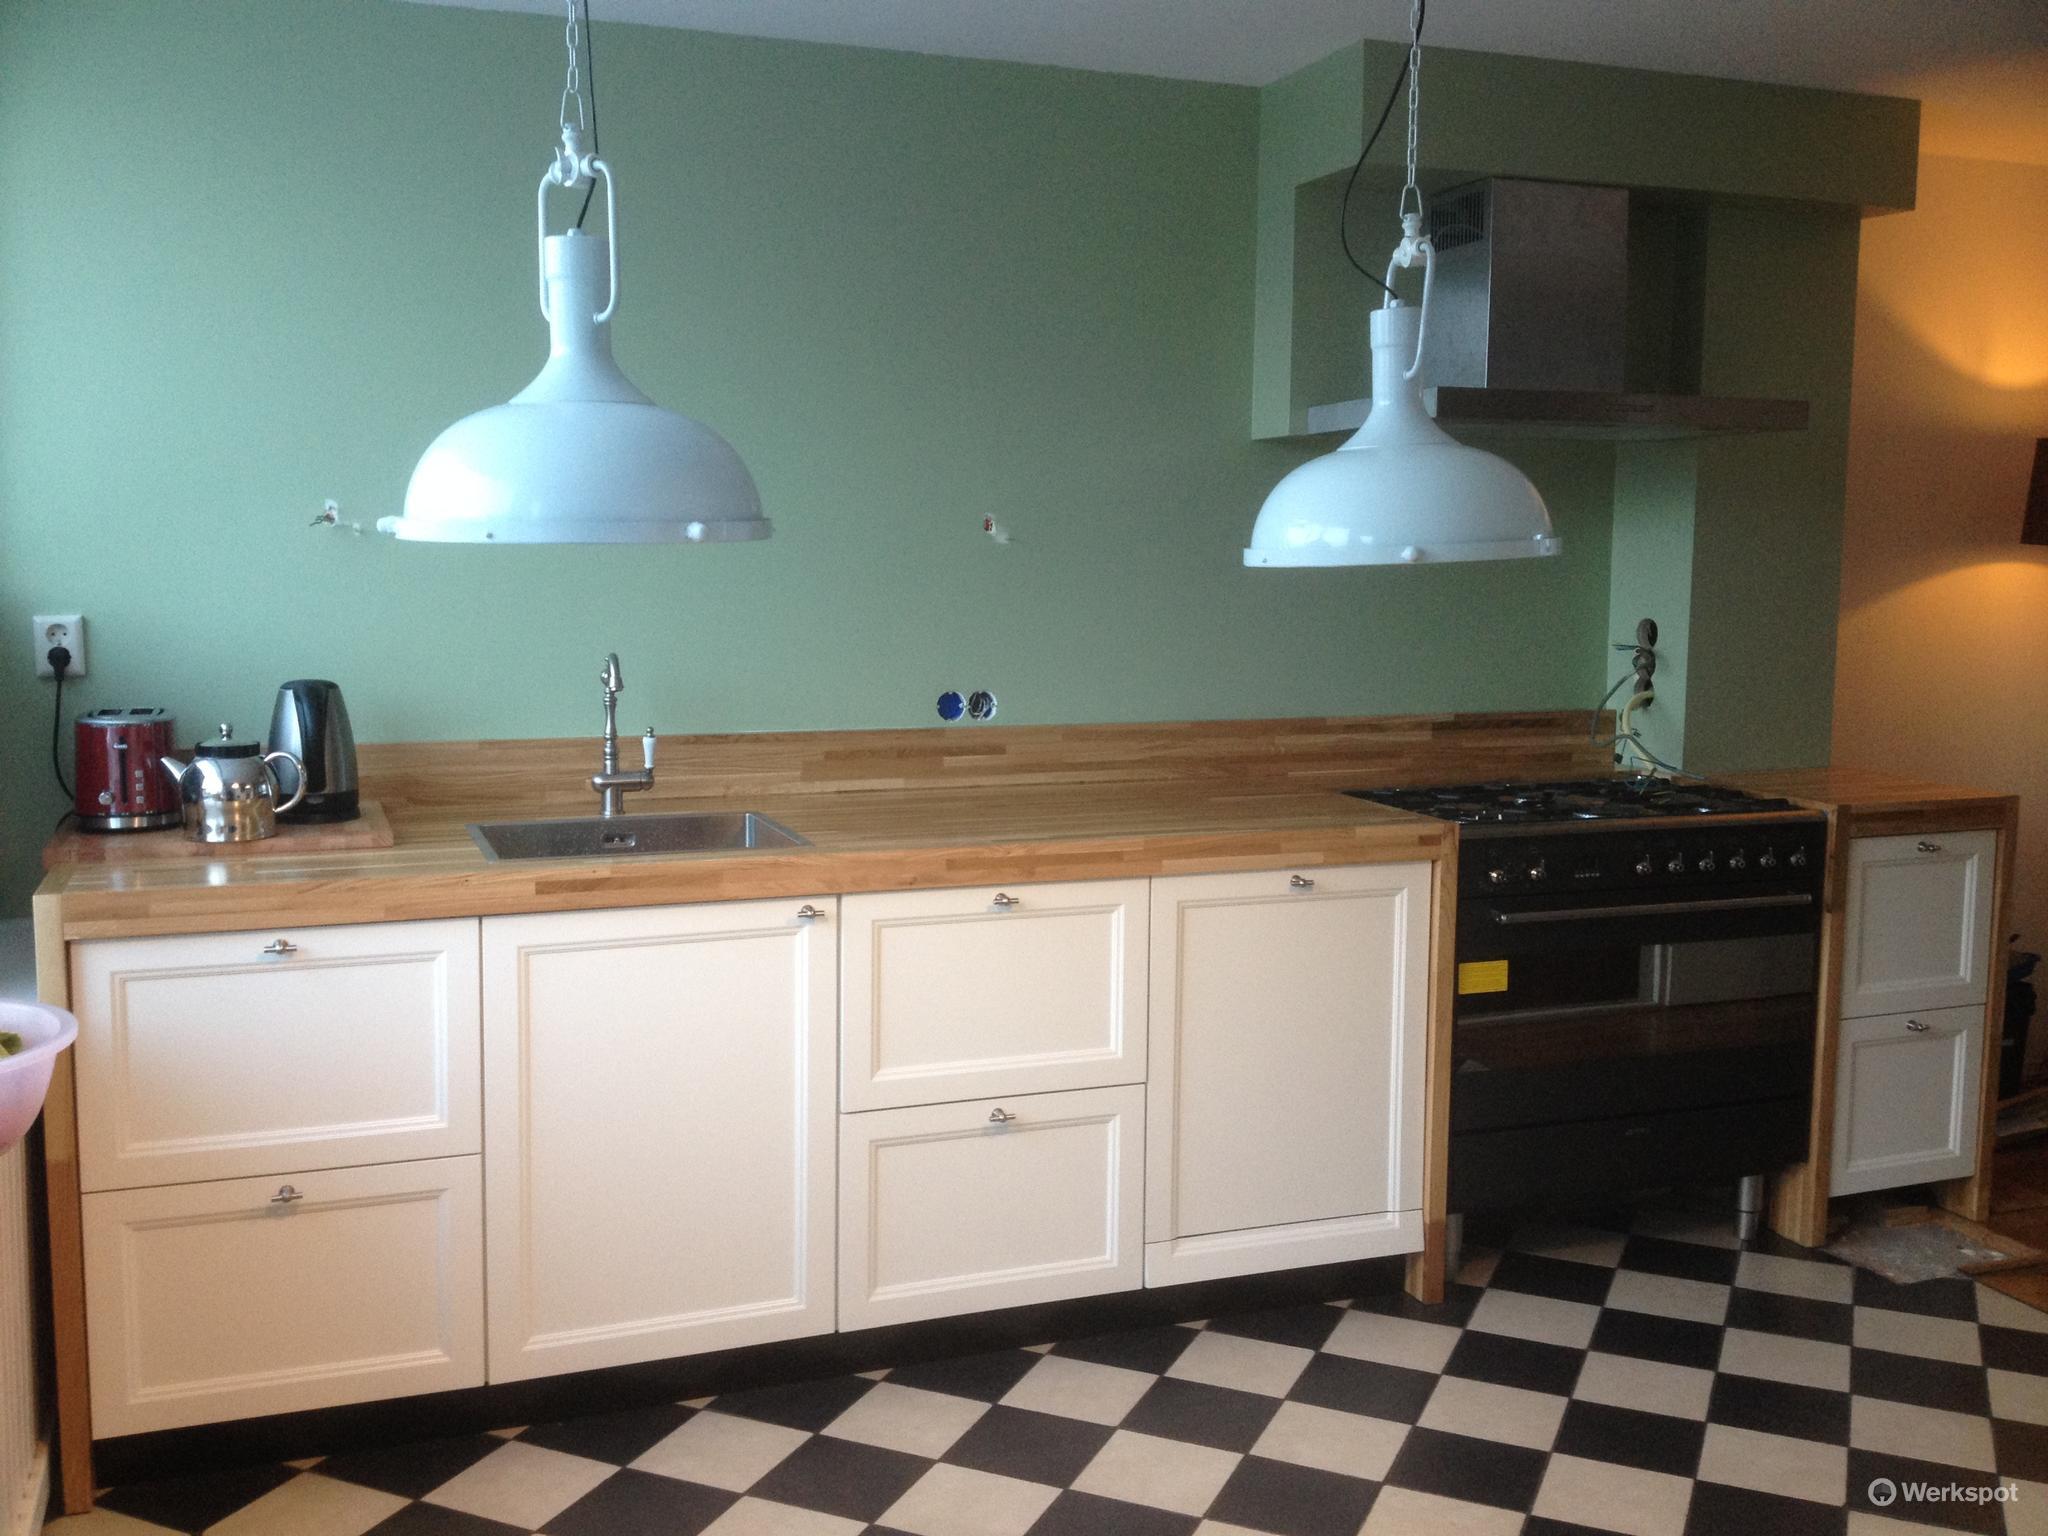 Nieuwe deurtjes voor keuken